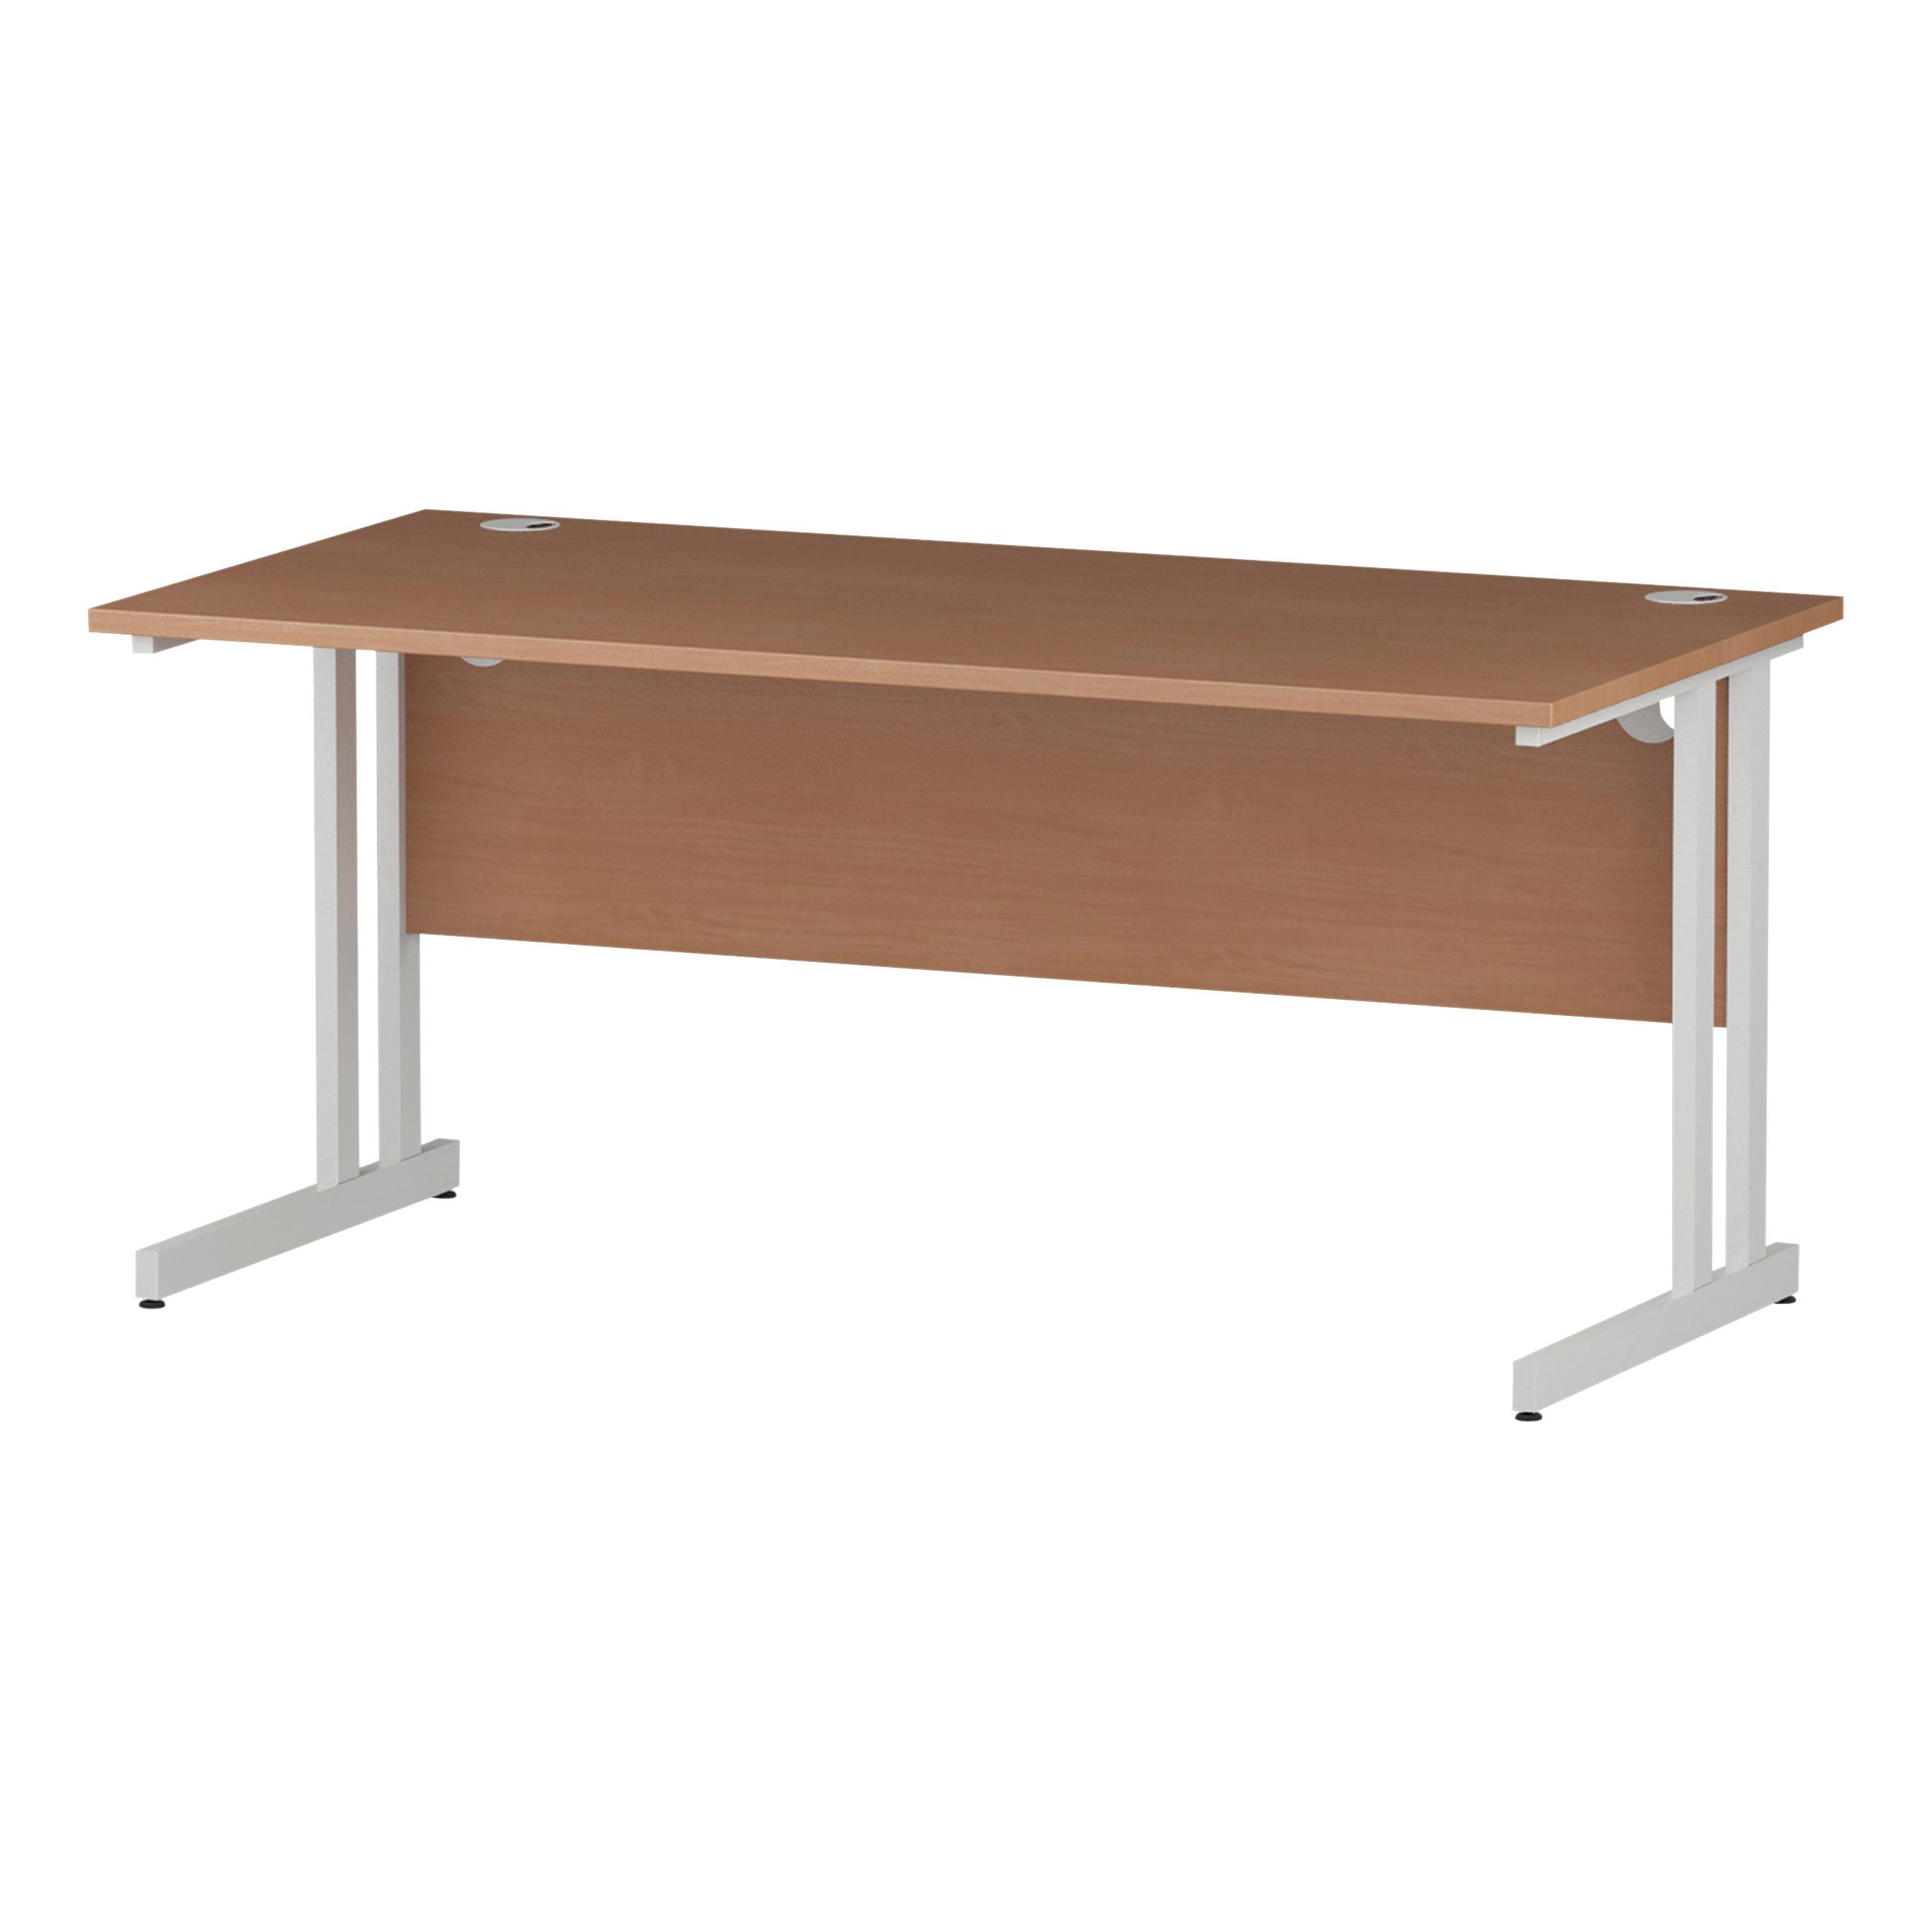 Trexus Rectangular Desk White Cantilever Leg 1600x800mm Beech Ref I001676